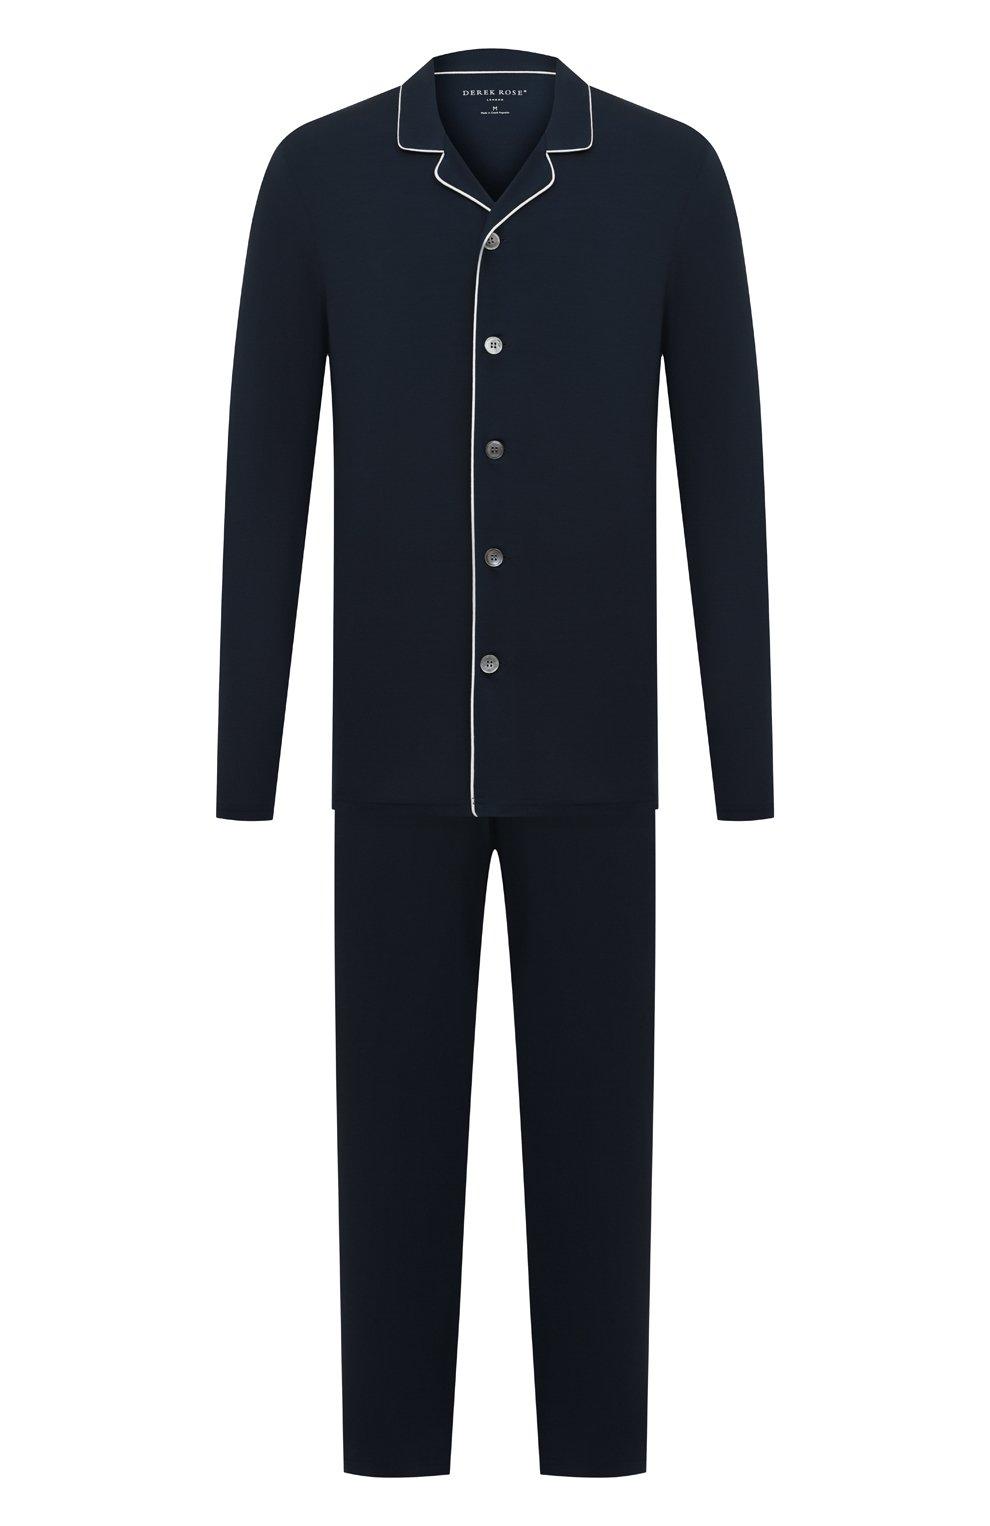 Мужская пижама DEREK ROSE темно-синего цвета, арт. 4070-BASE001   Фото 1 (Рукава: Длинные; Кросс-КТ: домашняя одежда; Материал внешний: Синтетический материал; Длина (для топов): Стандартные)